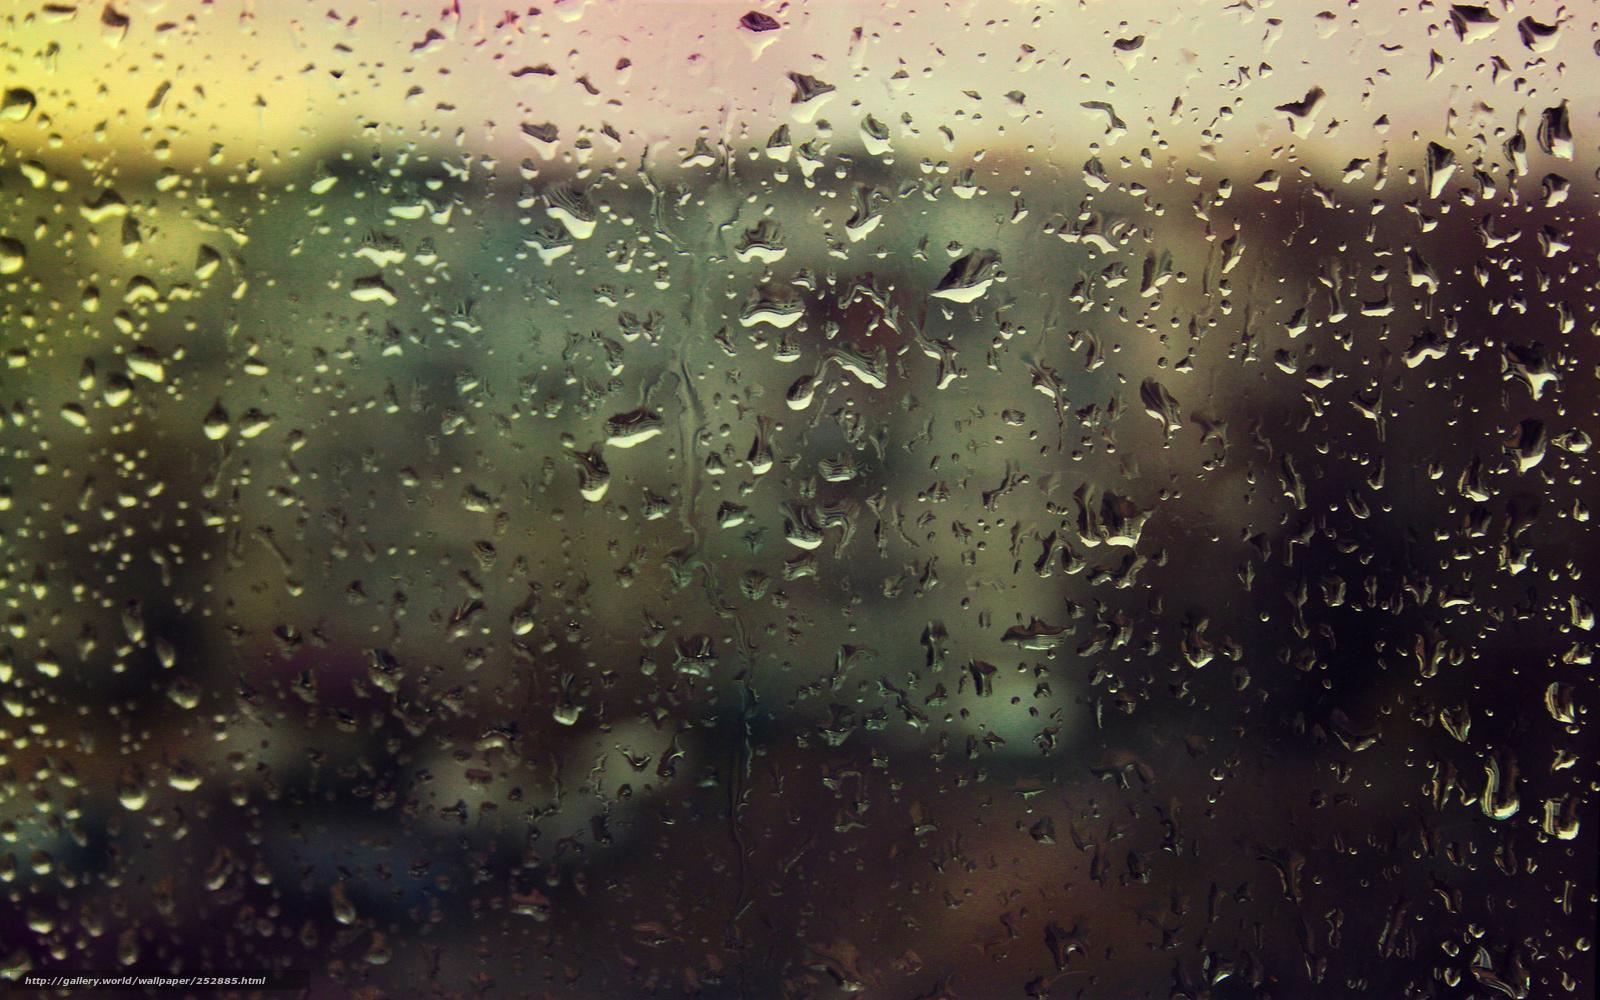 работу флеш картинка дождя на андроид разобраться